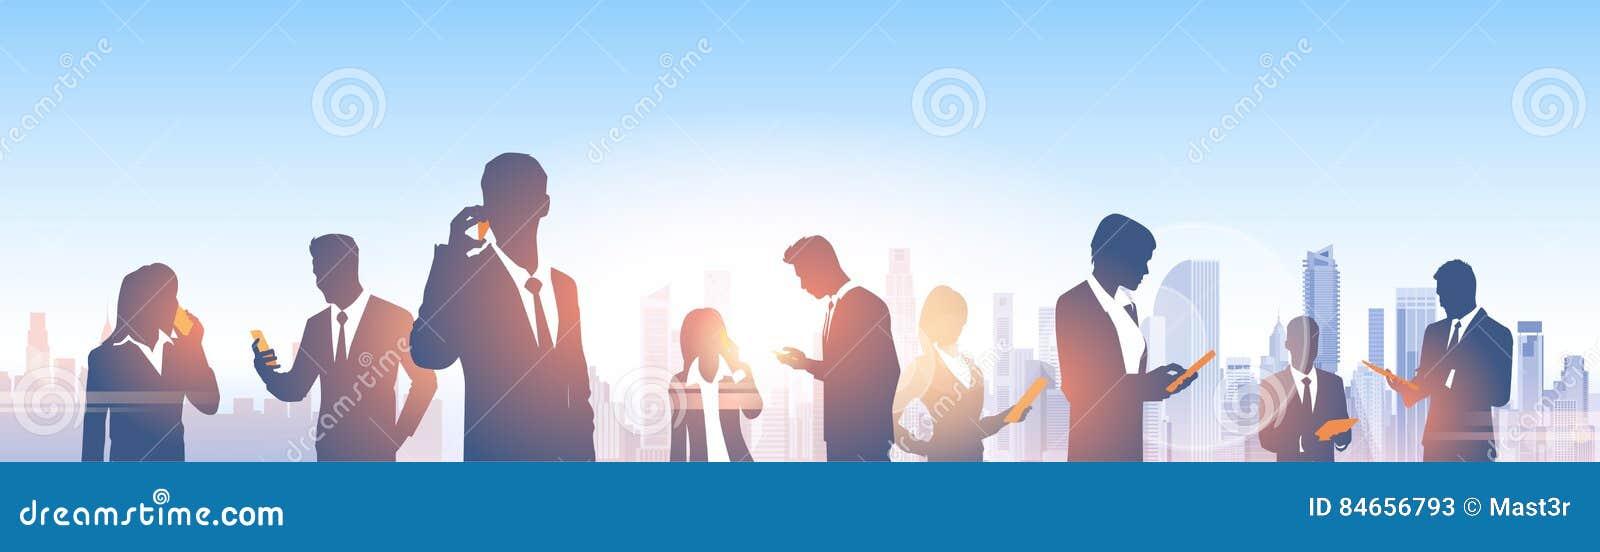 De bedrijfsmensen groeperen Silhouetten over Modern het Bureau Sociaal Netwerk van het Stadslandschap